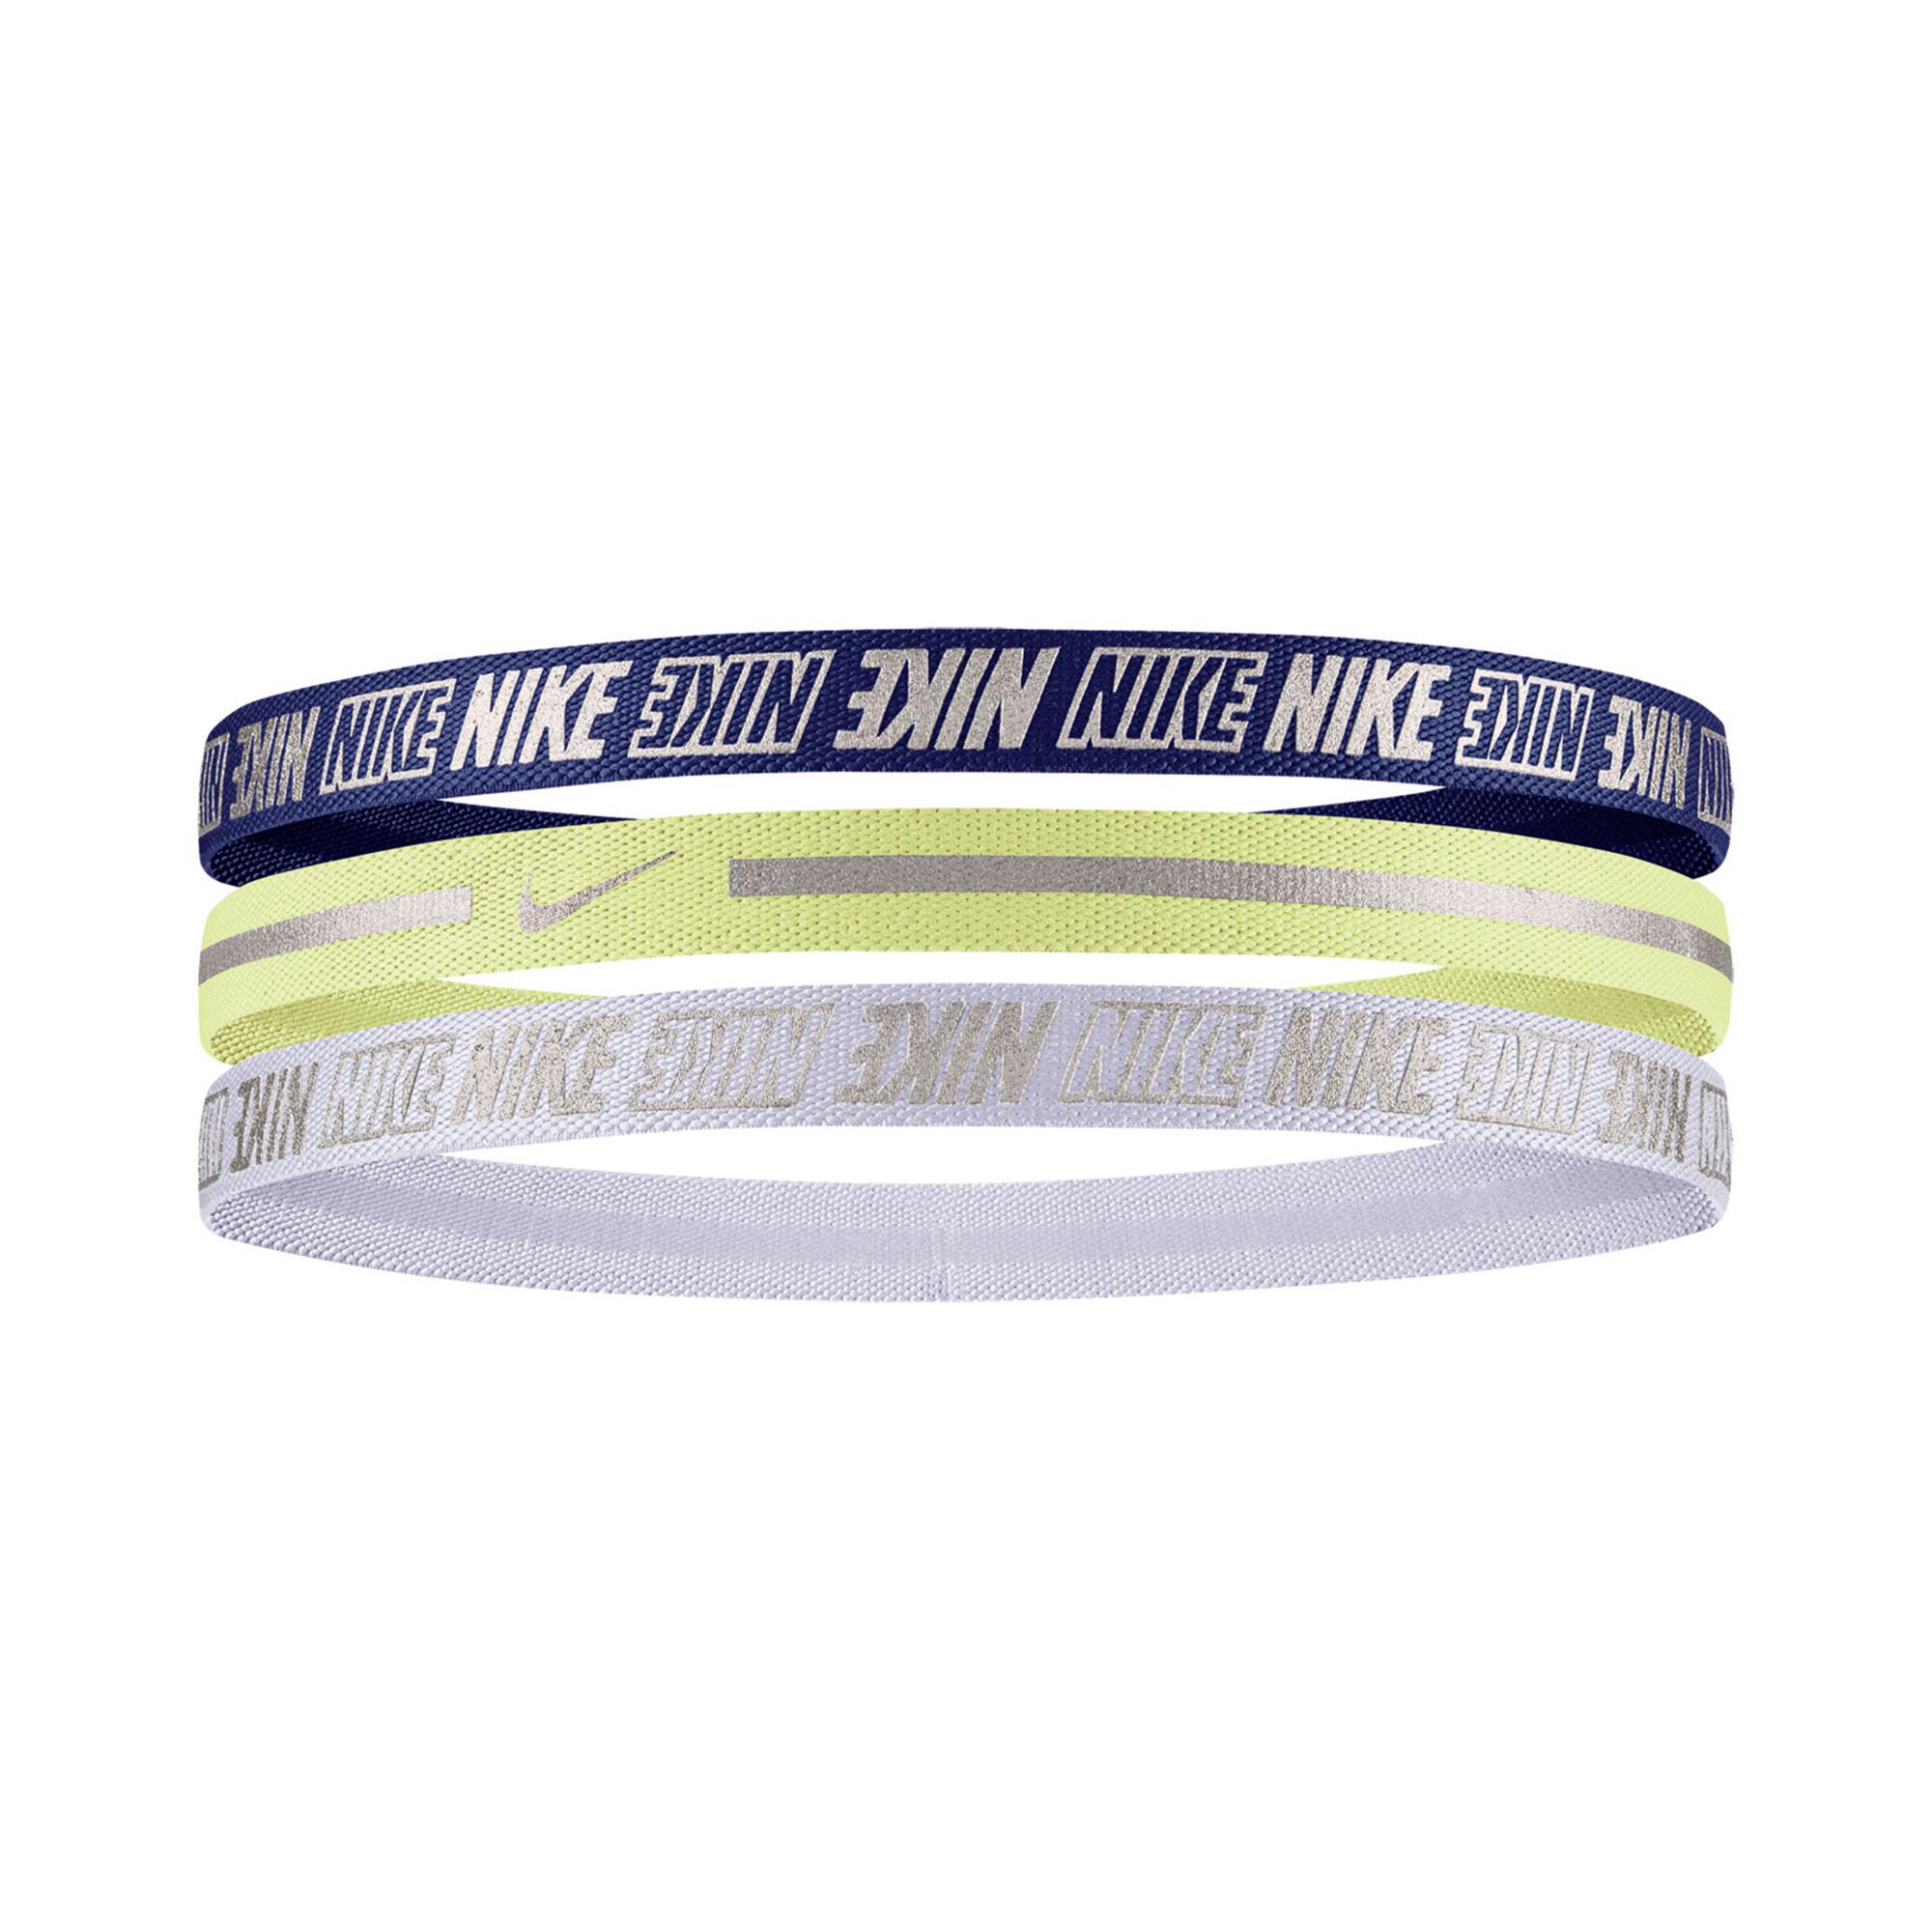 Específico detalles Papúa Nueva Guinea  Nike Metallic 2.0 Cinta Para El Pelo Pack De 3 - Azul Oscuro, Amarillo Neón  compra online | Tennis-Point